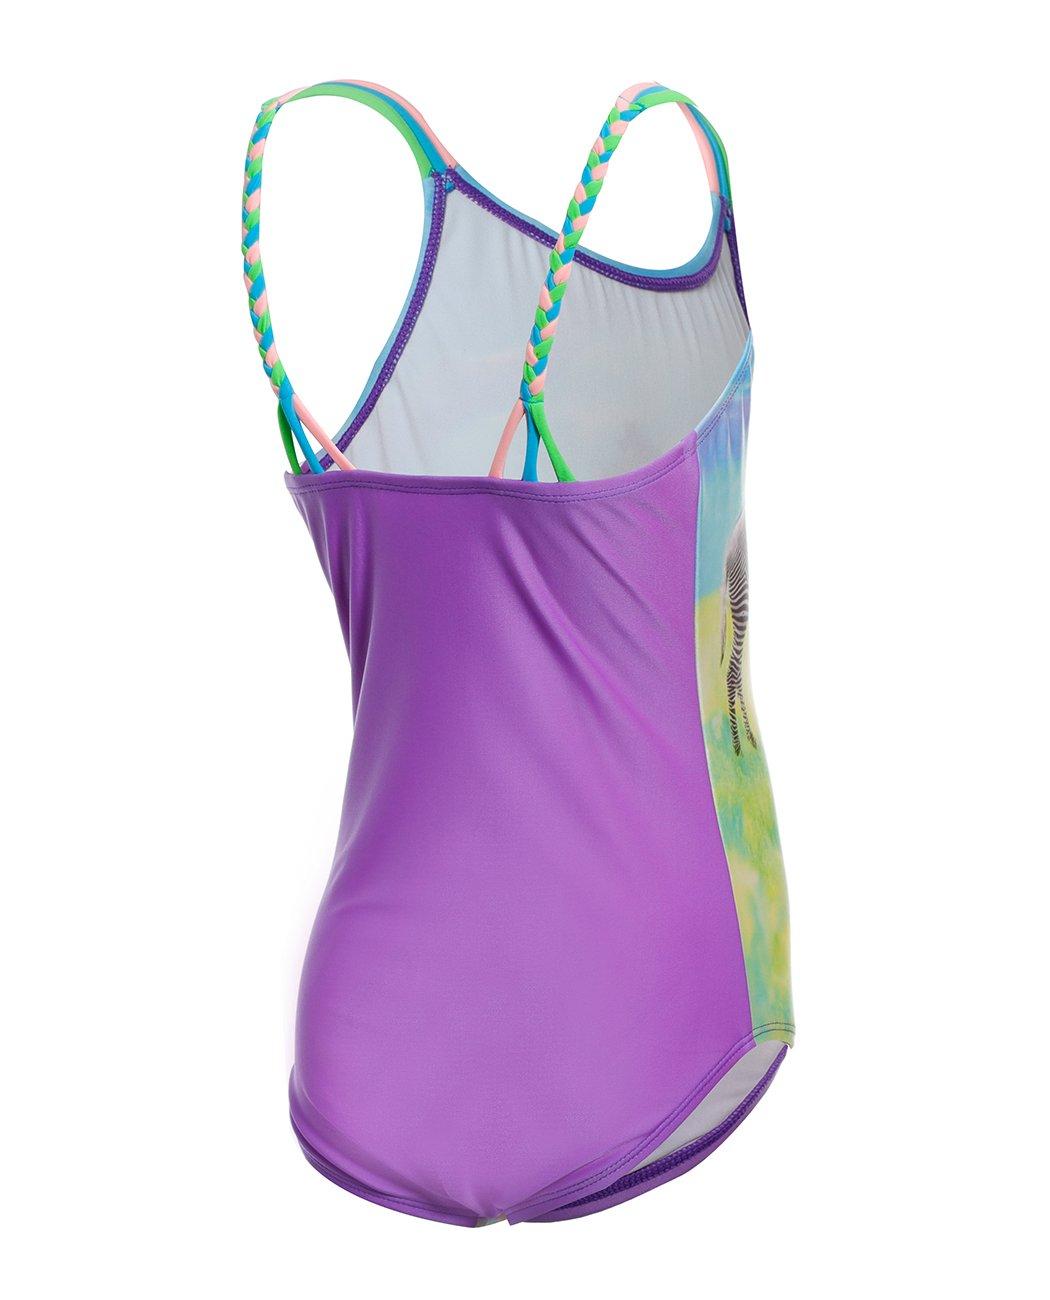 iDrawl Cute Zebra One Piece Beach Sport Swimsuit for Girls by iDrawl (Image #6)